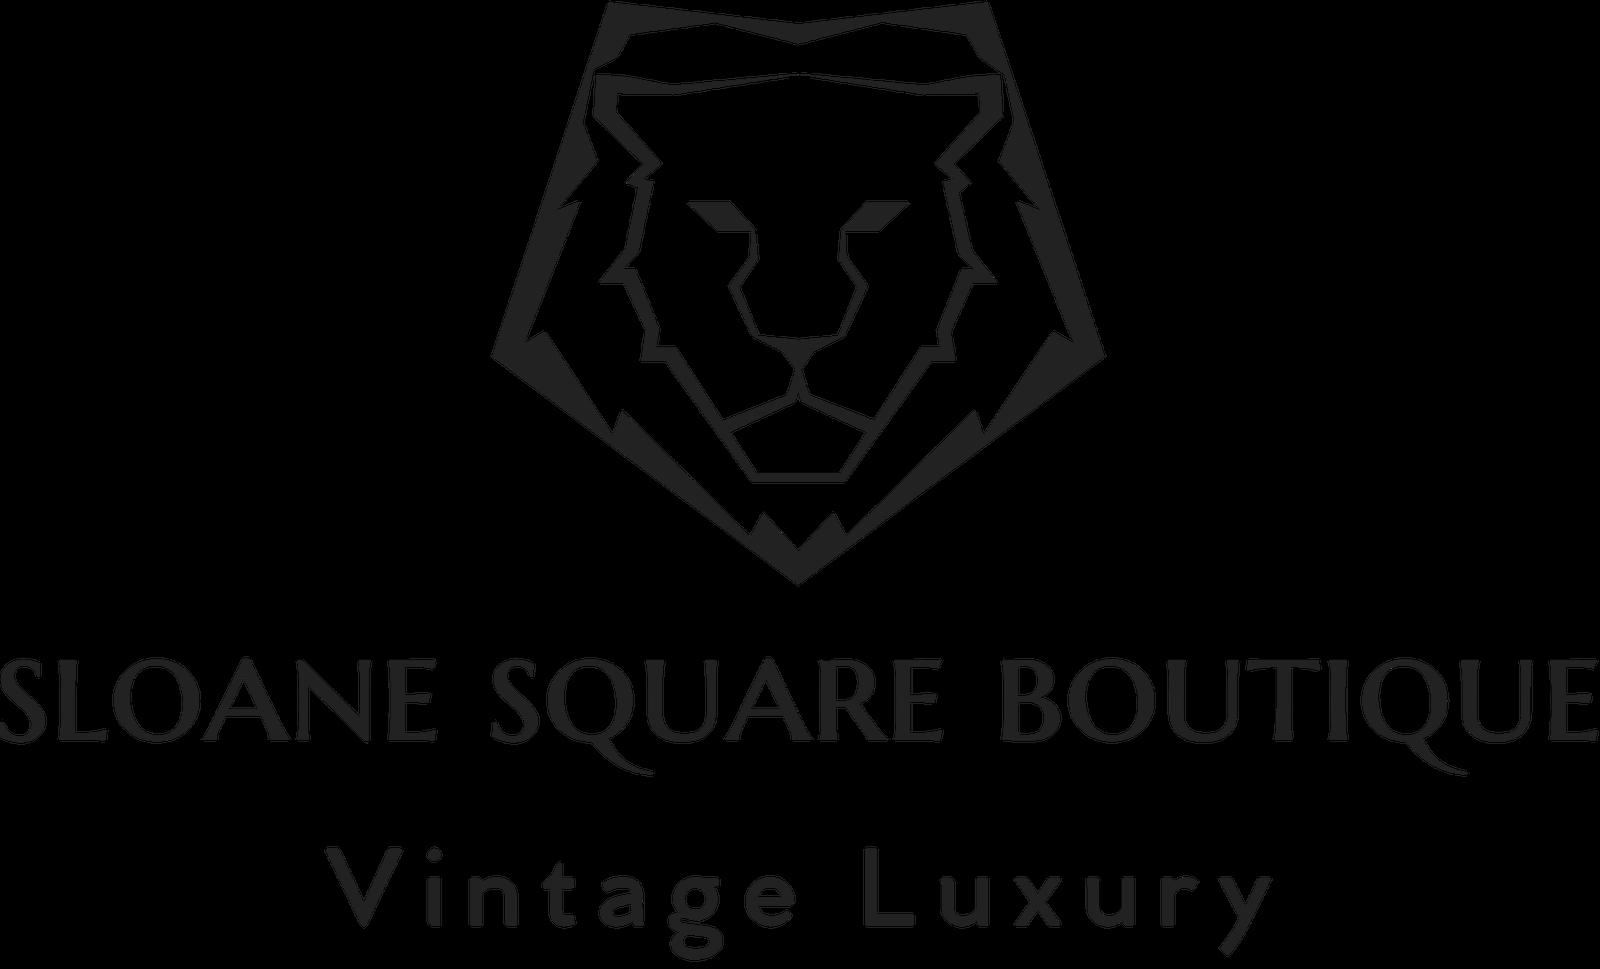 Sloane Square Boutique